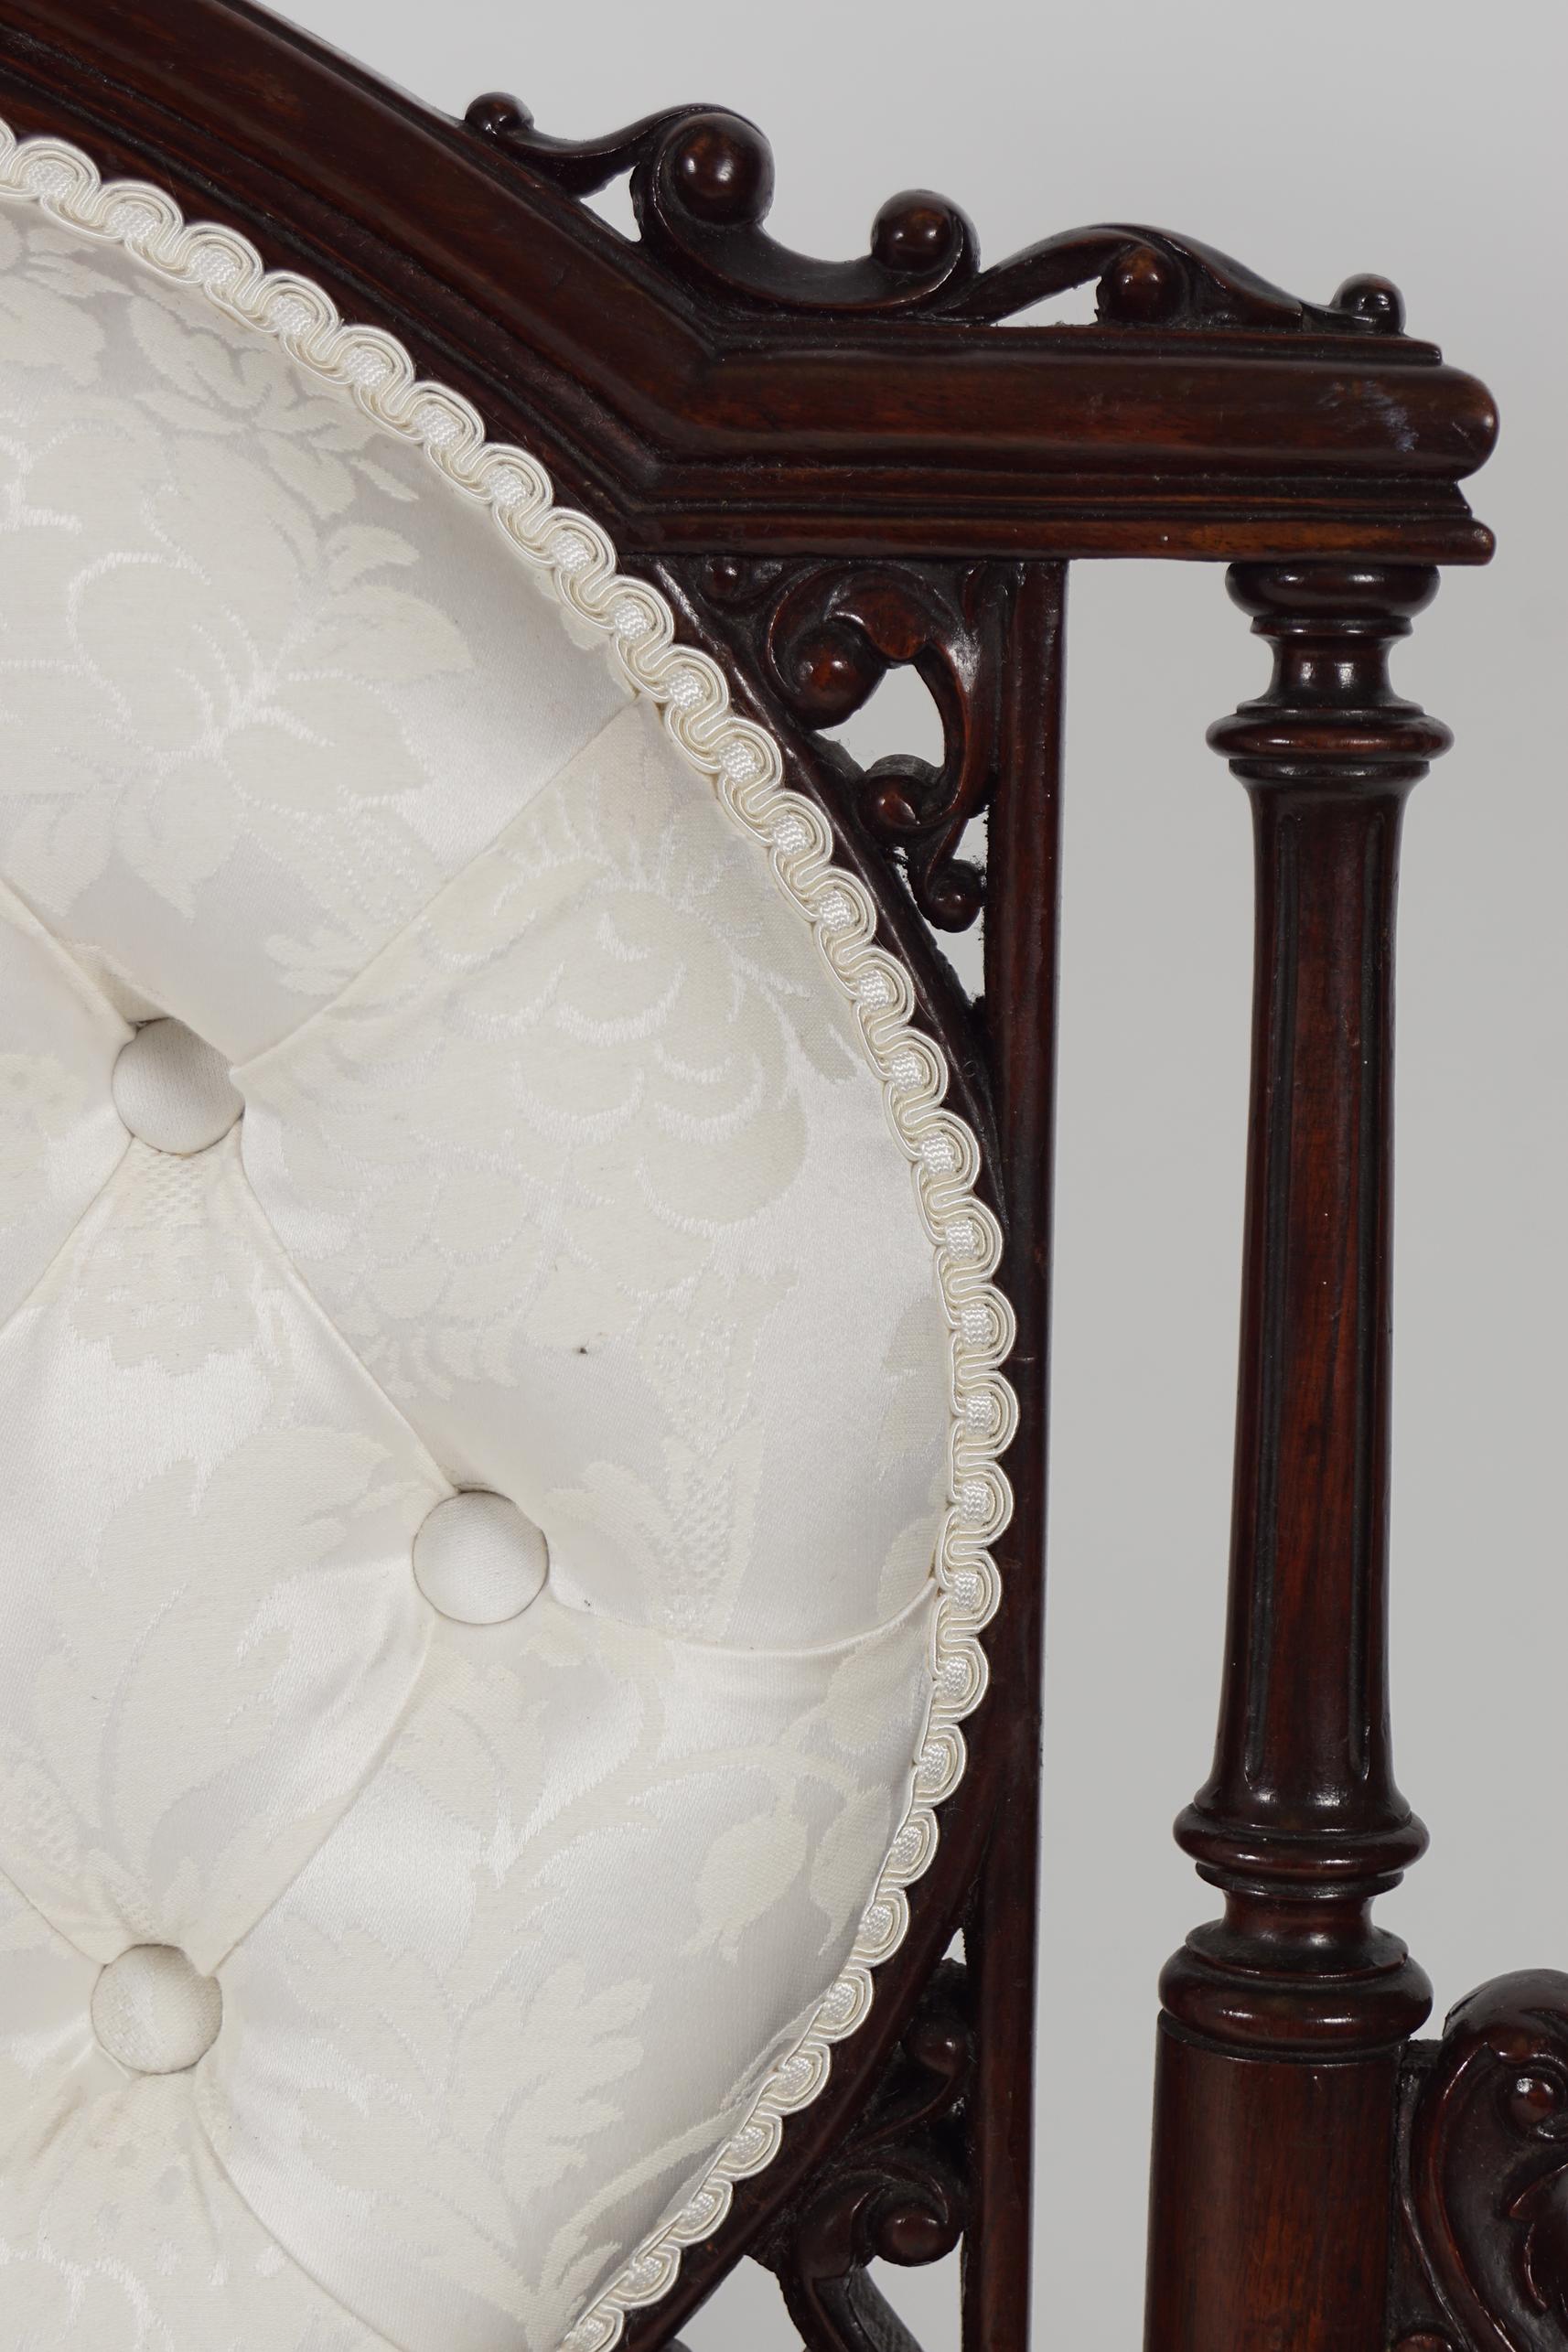 19TH-CENTURY WALNUT SETTEE - Image 3 of 5